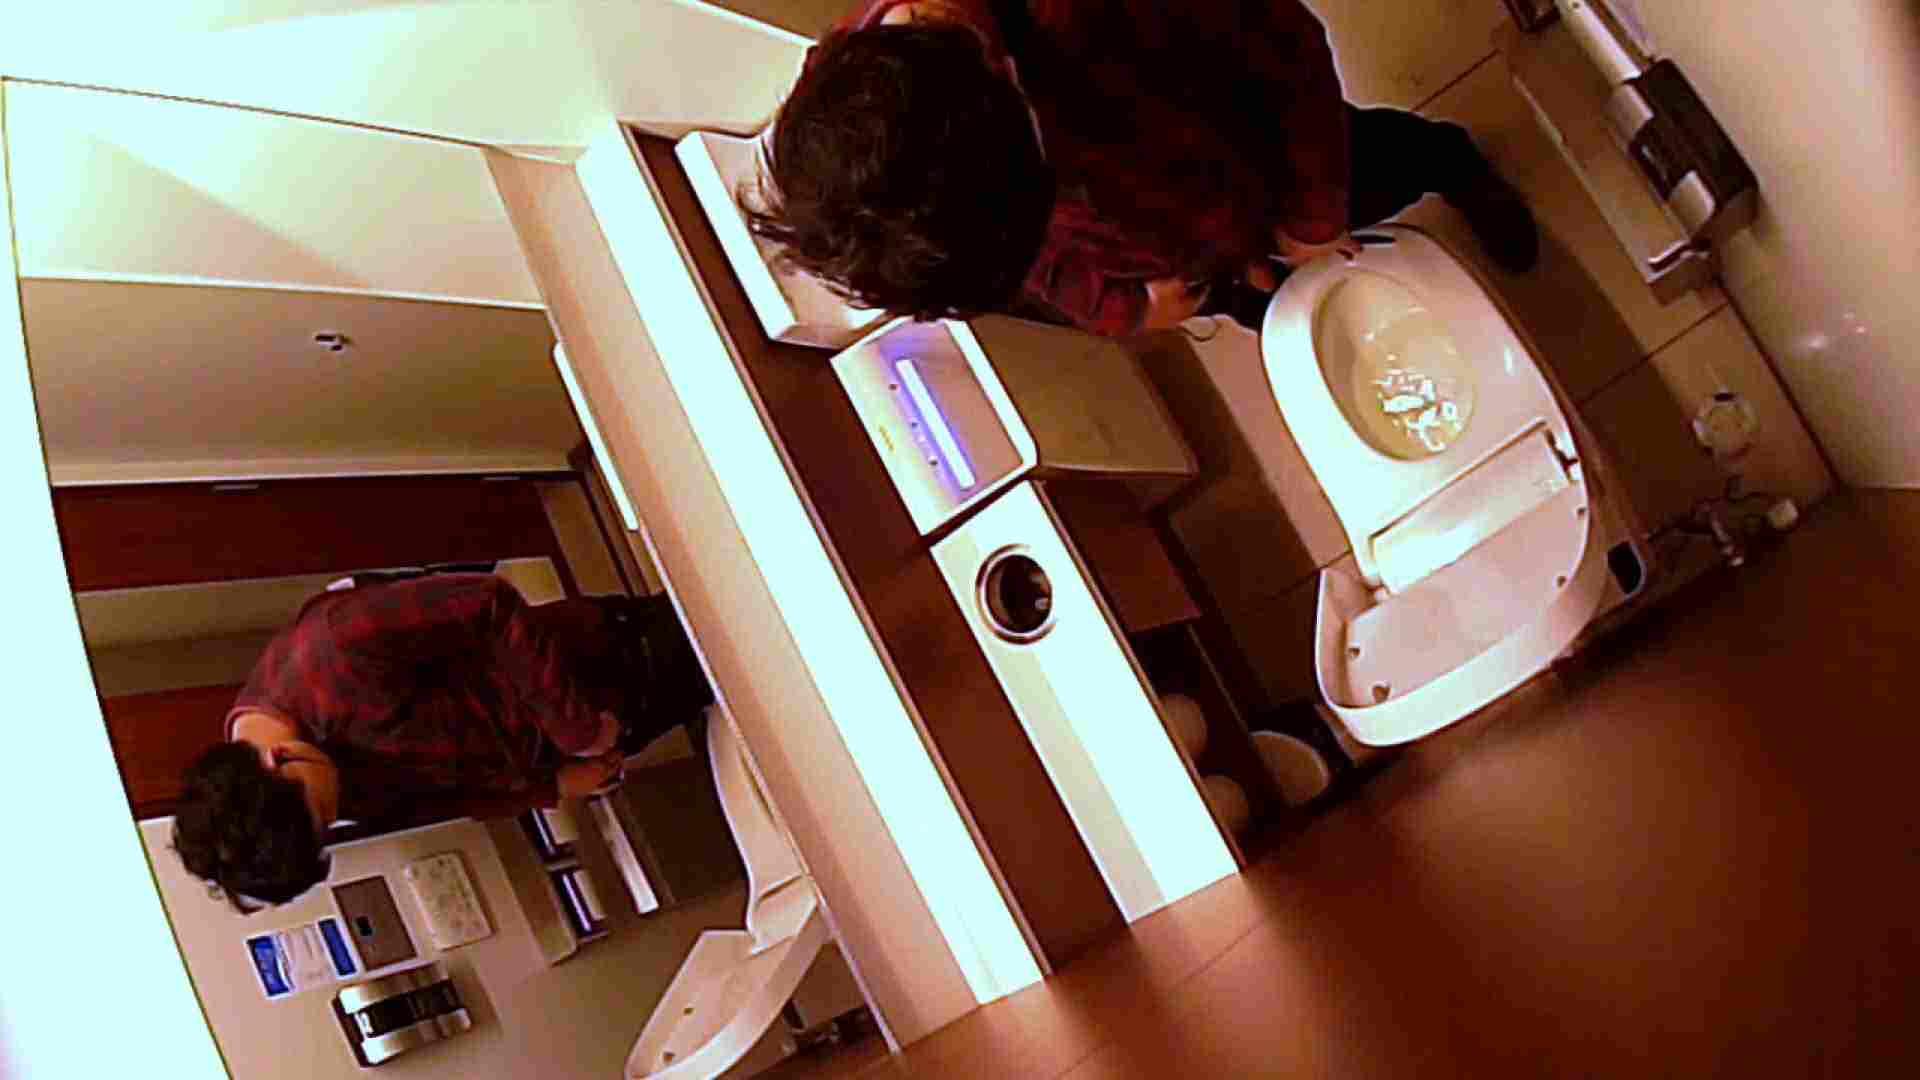 すみませんが覗かせてください Vol.32 トイレ | 0  102pic 2